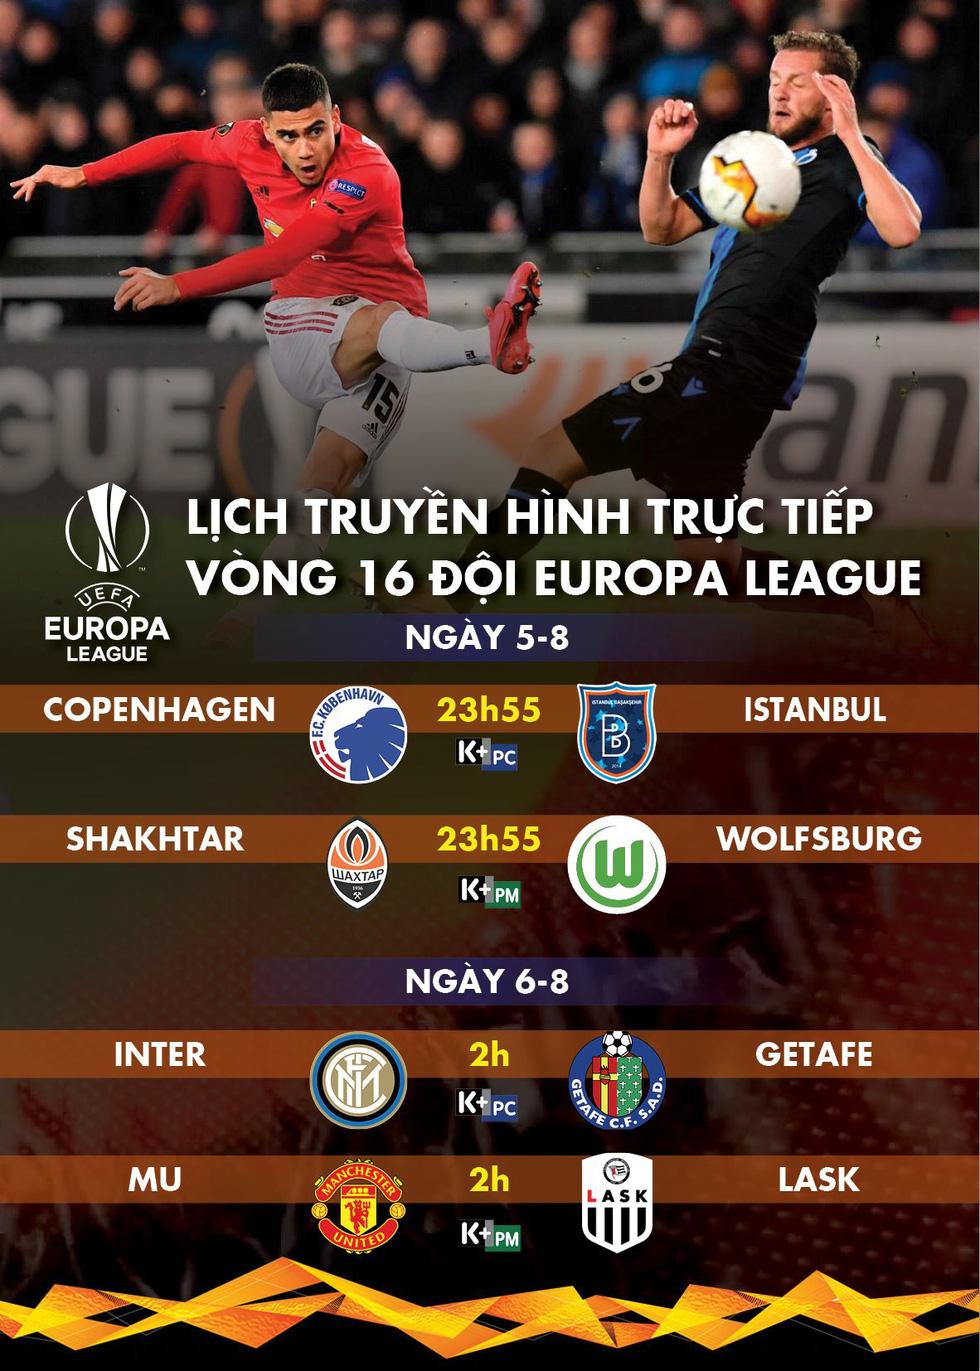 Lịch trực tiếp vòng 16 đội Europa League: Man United - LASK - Ảnh 1.